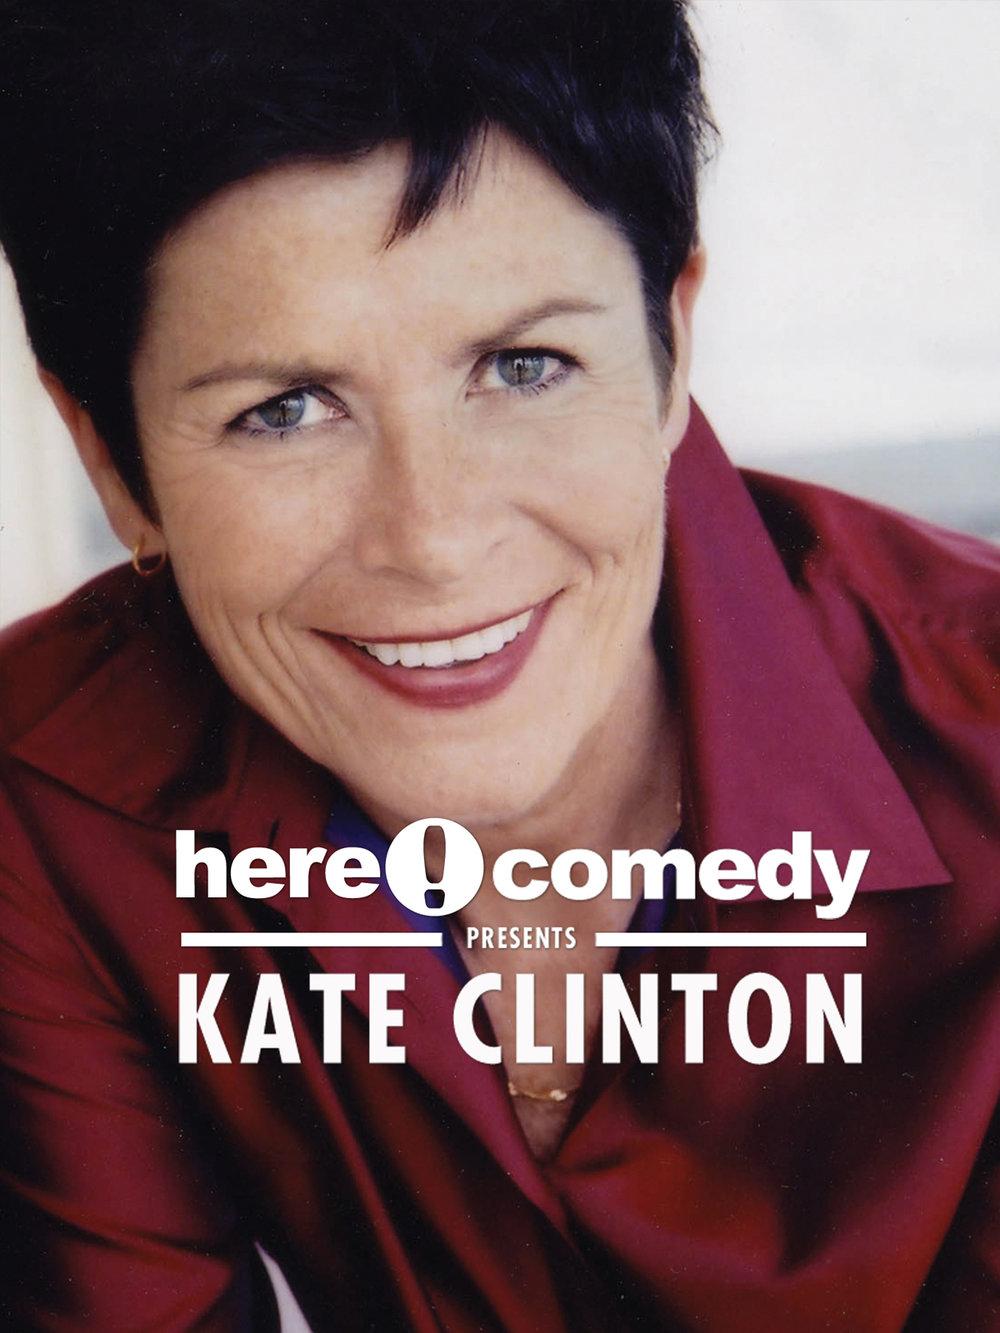 Here-HereComedyPresentsKateClinton-Full-Image-en-US.jpg